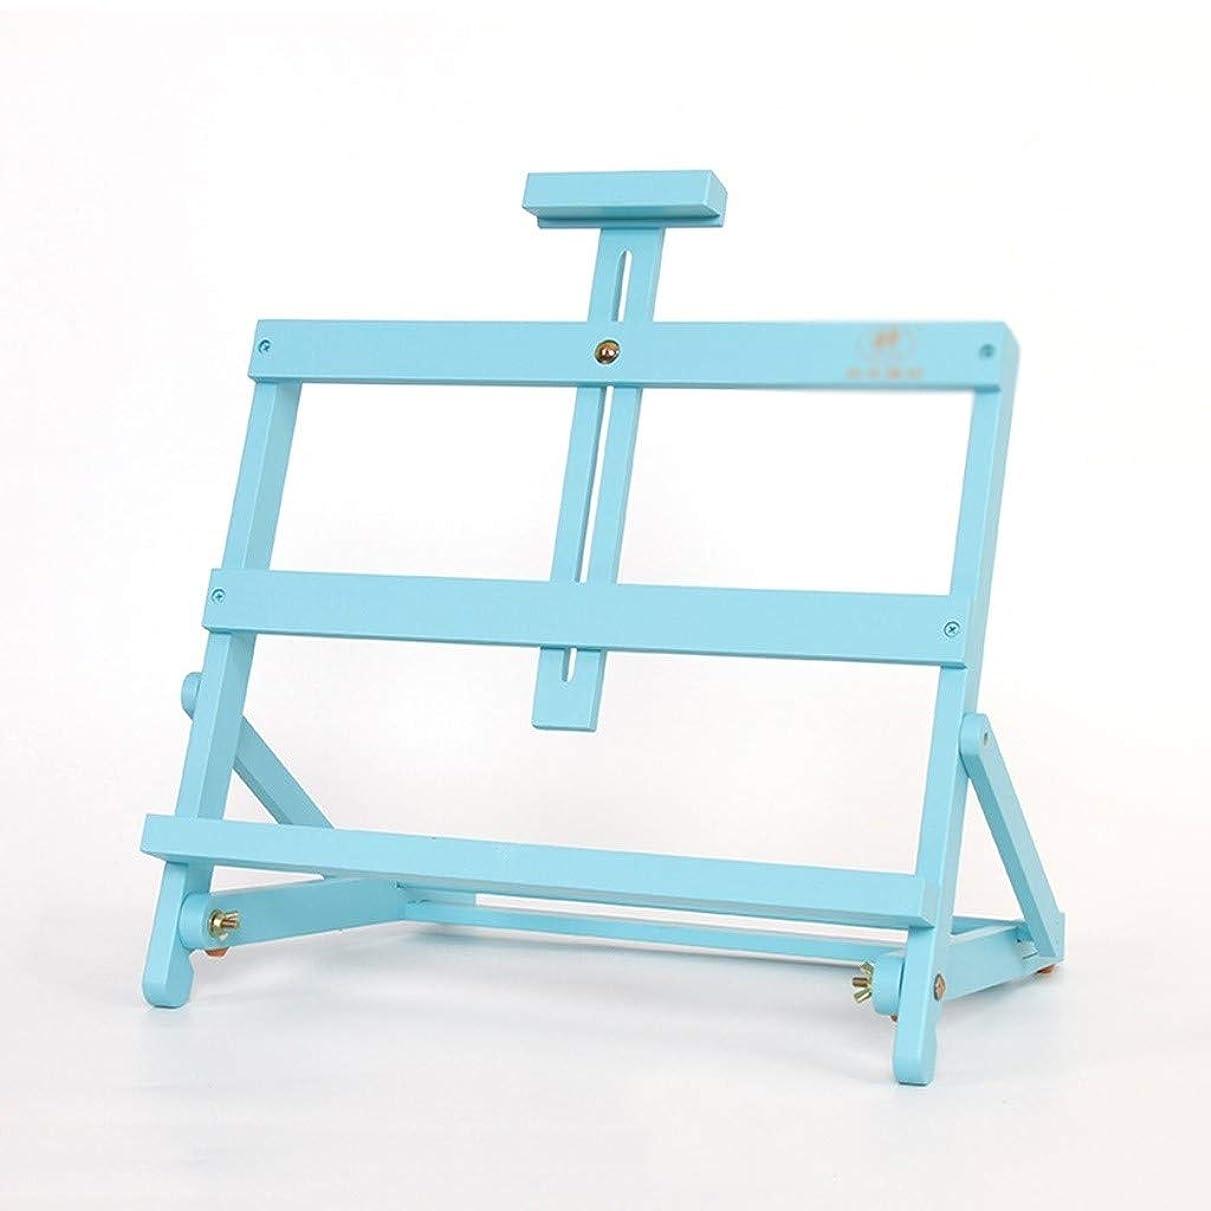 年金受給者消去レディXUZGang スモールデスクトップイーゼル、色の木製イーゼル調節可能な高さと角度イーゼル子供と大人イーゼル、42 * 35 * 26?58センチメートル アートスケッチツール (Color : Blue, Size : 42*35*26CM)